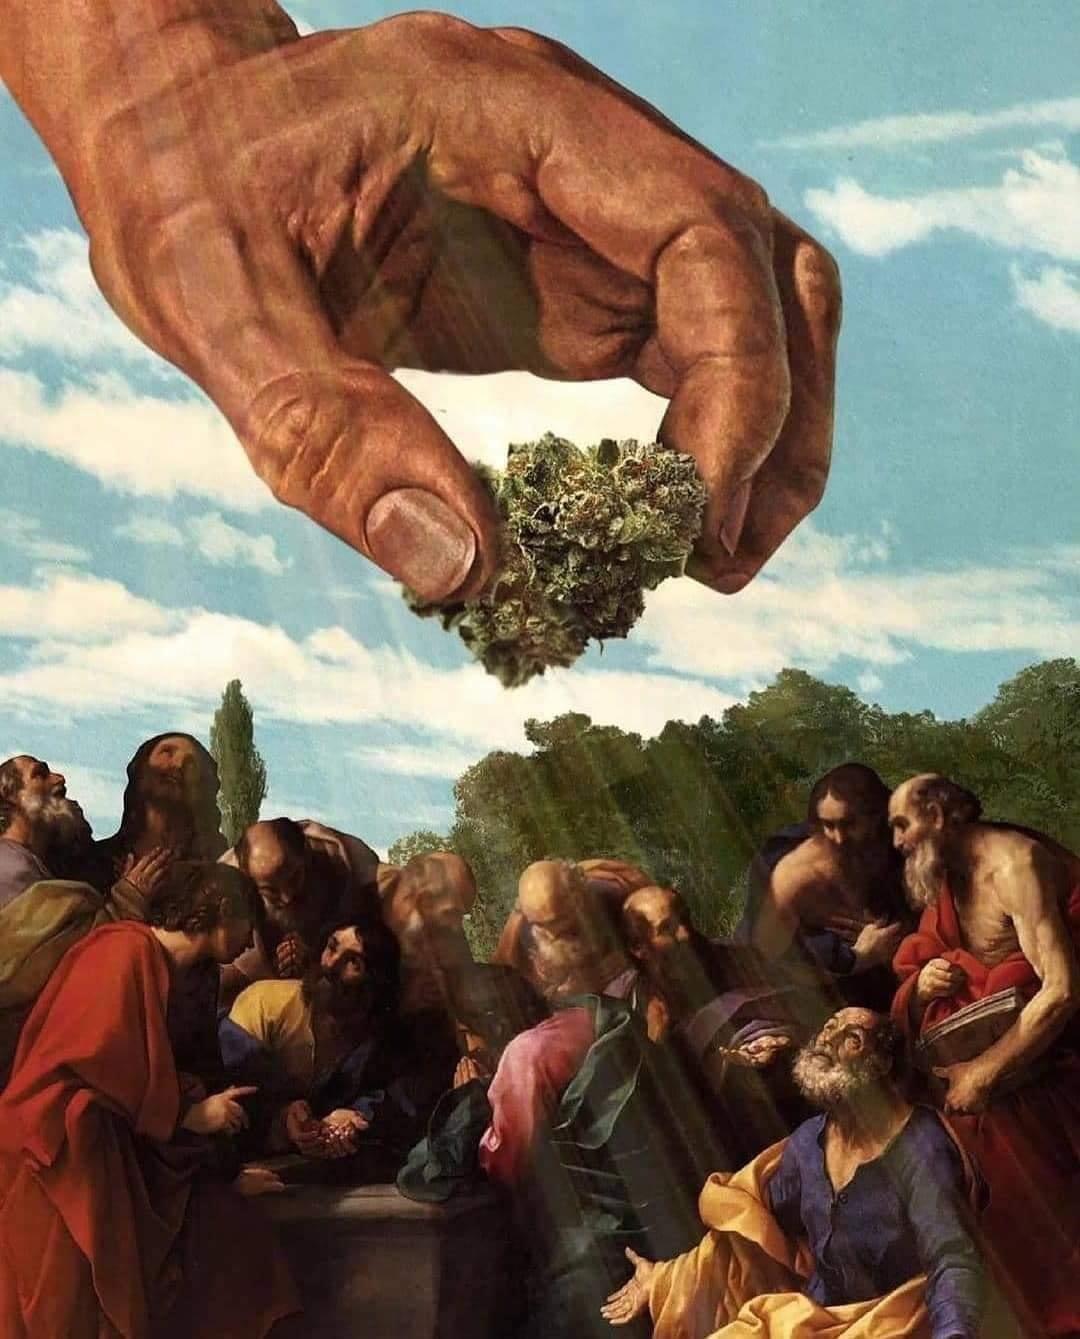 Imagem de mão descendo do céu com uma flor de cannabis